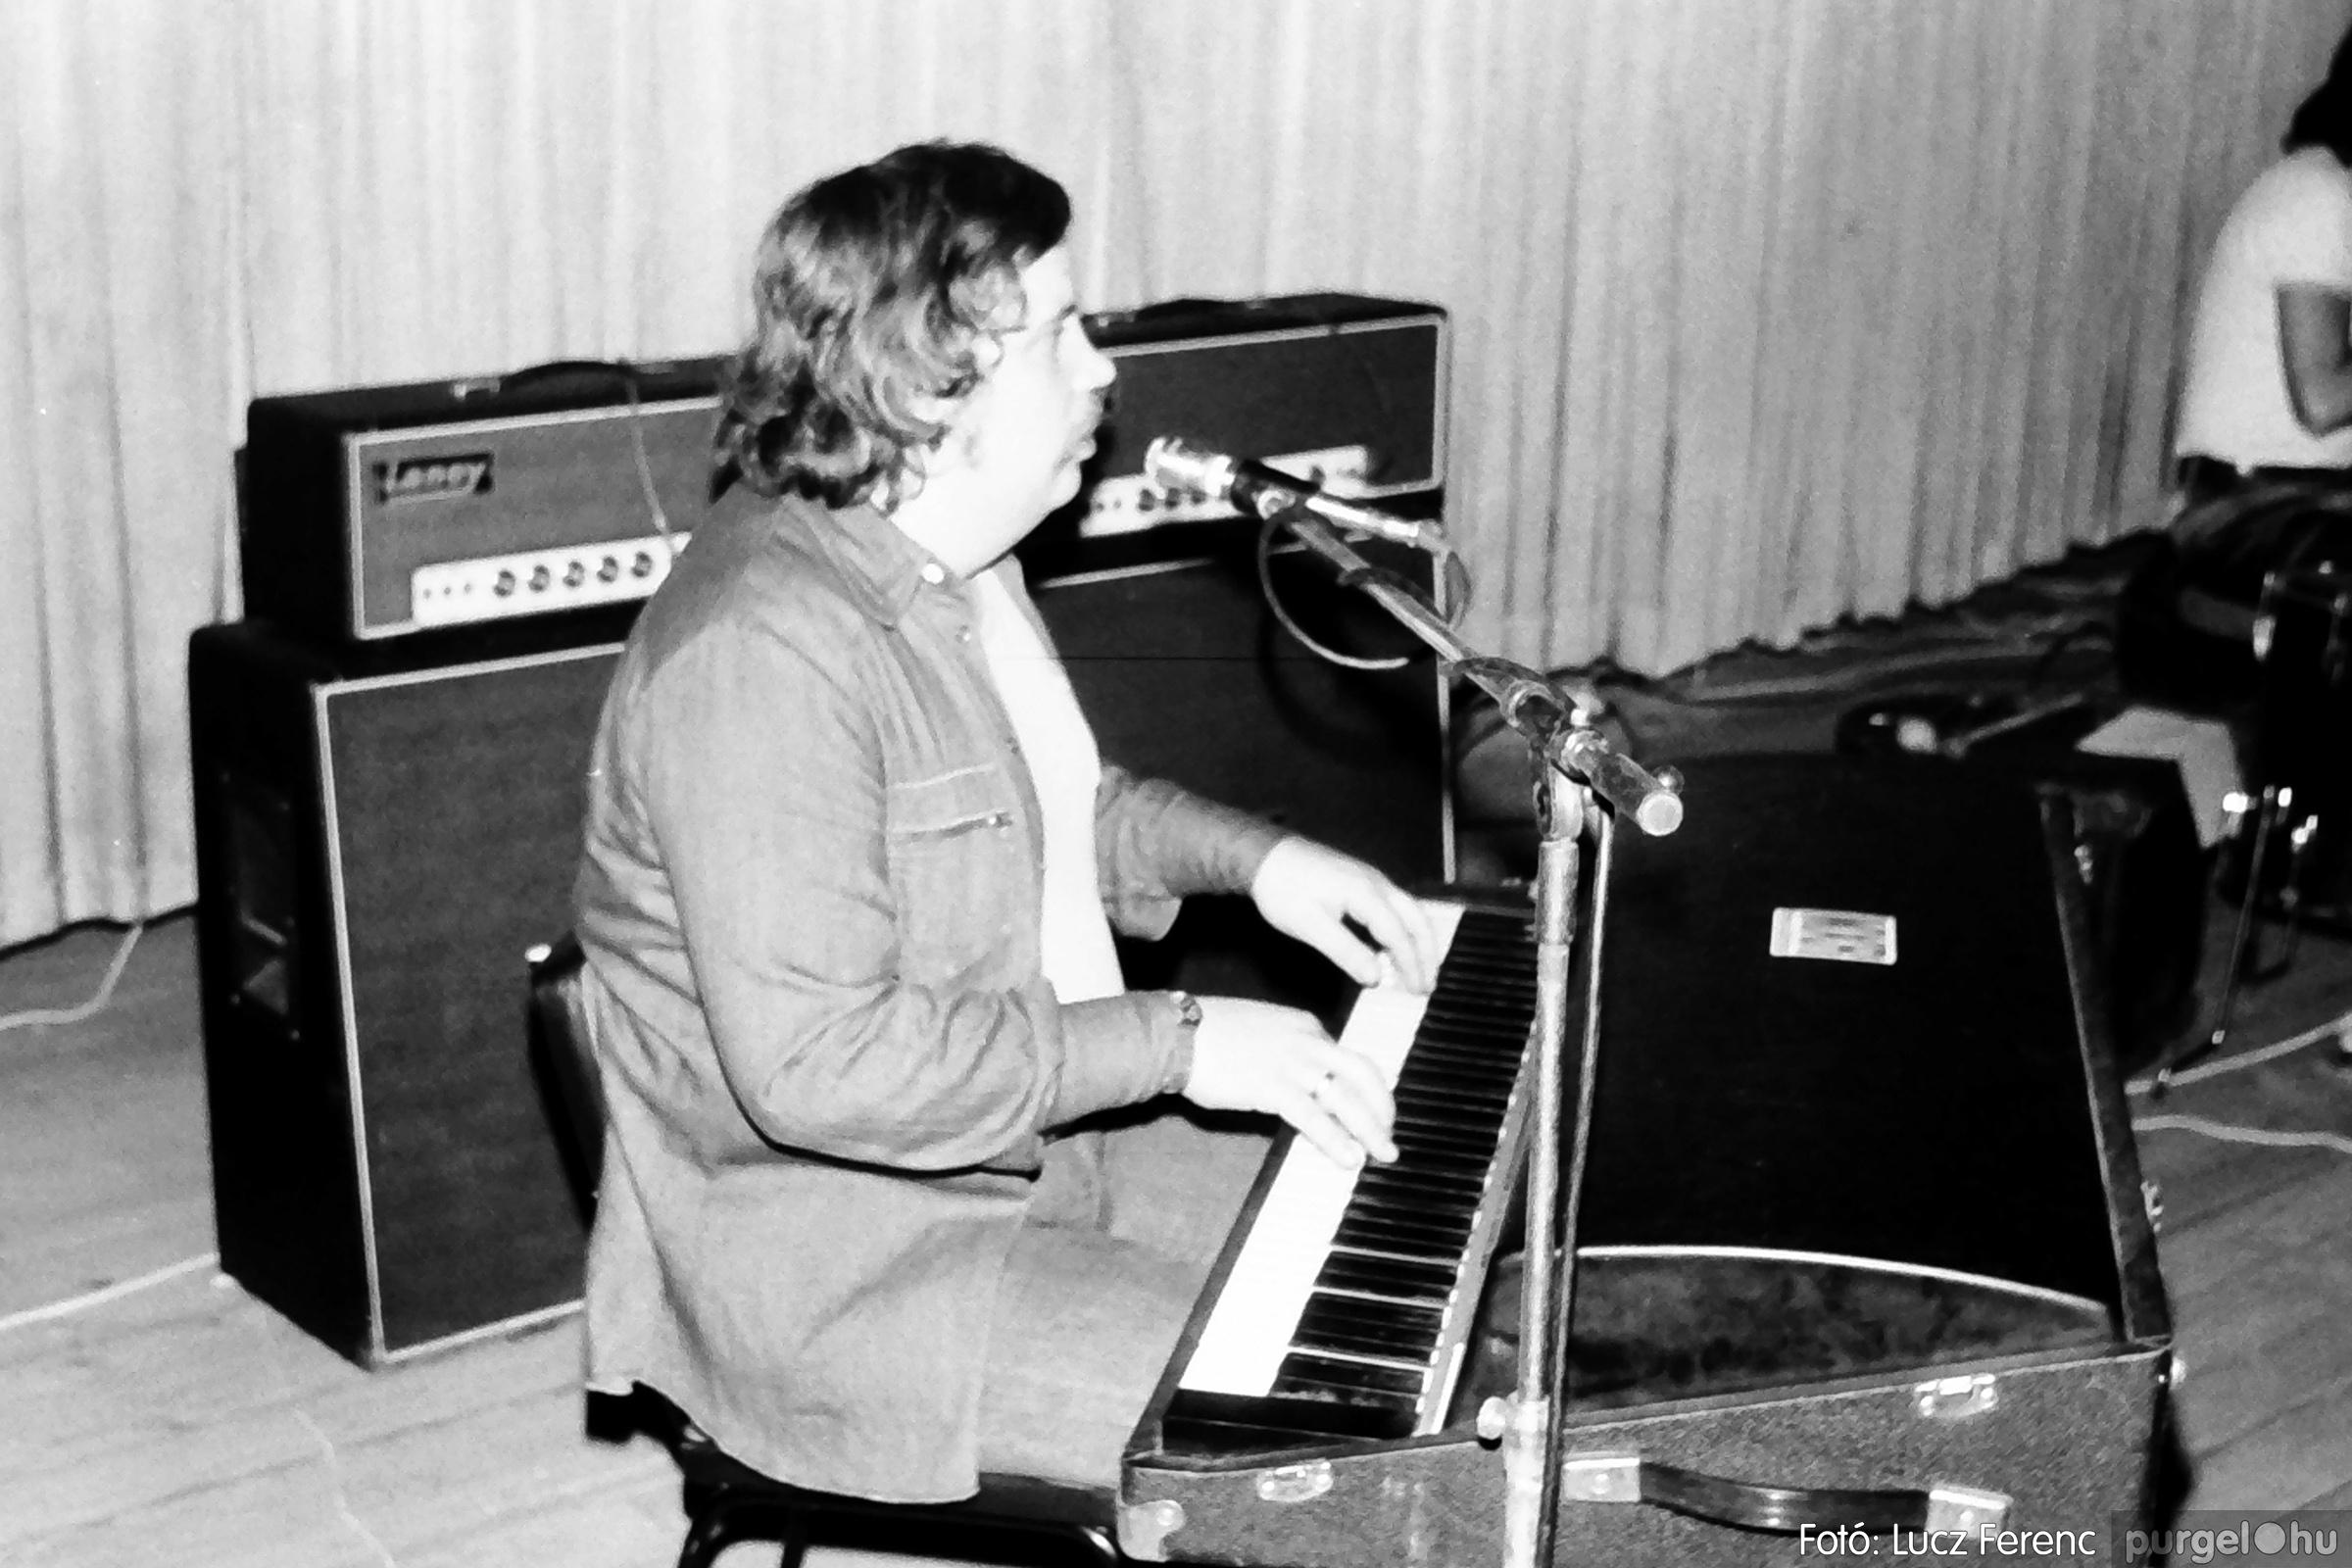 072. 1977. A botrányba fulladt Neoton koncert 004. - Fotó: Lucz Ferenc.jpg